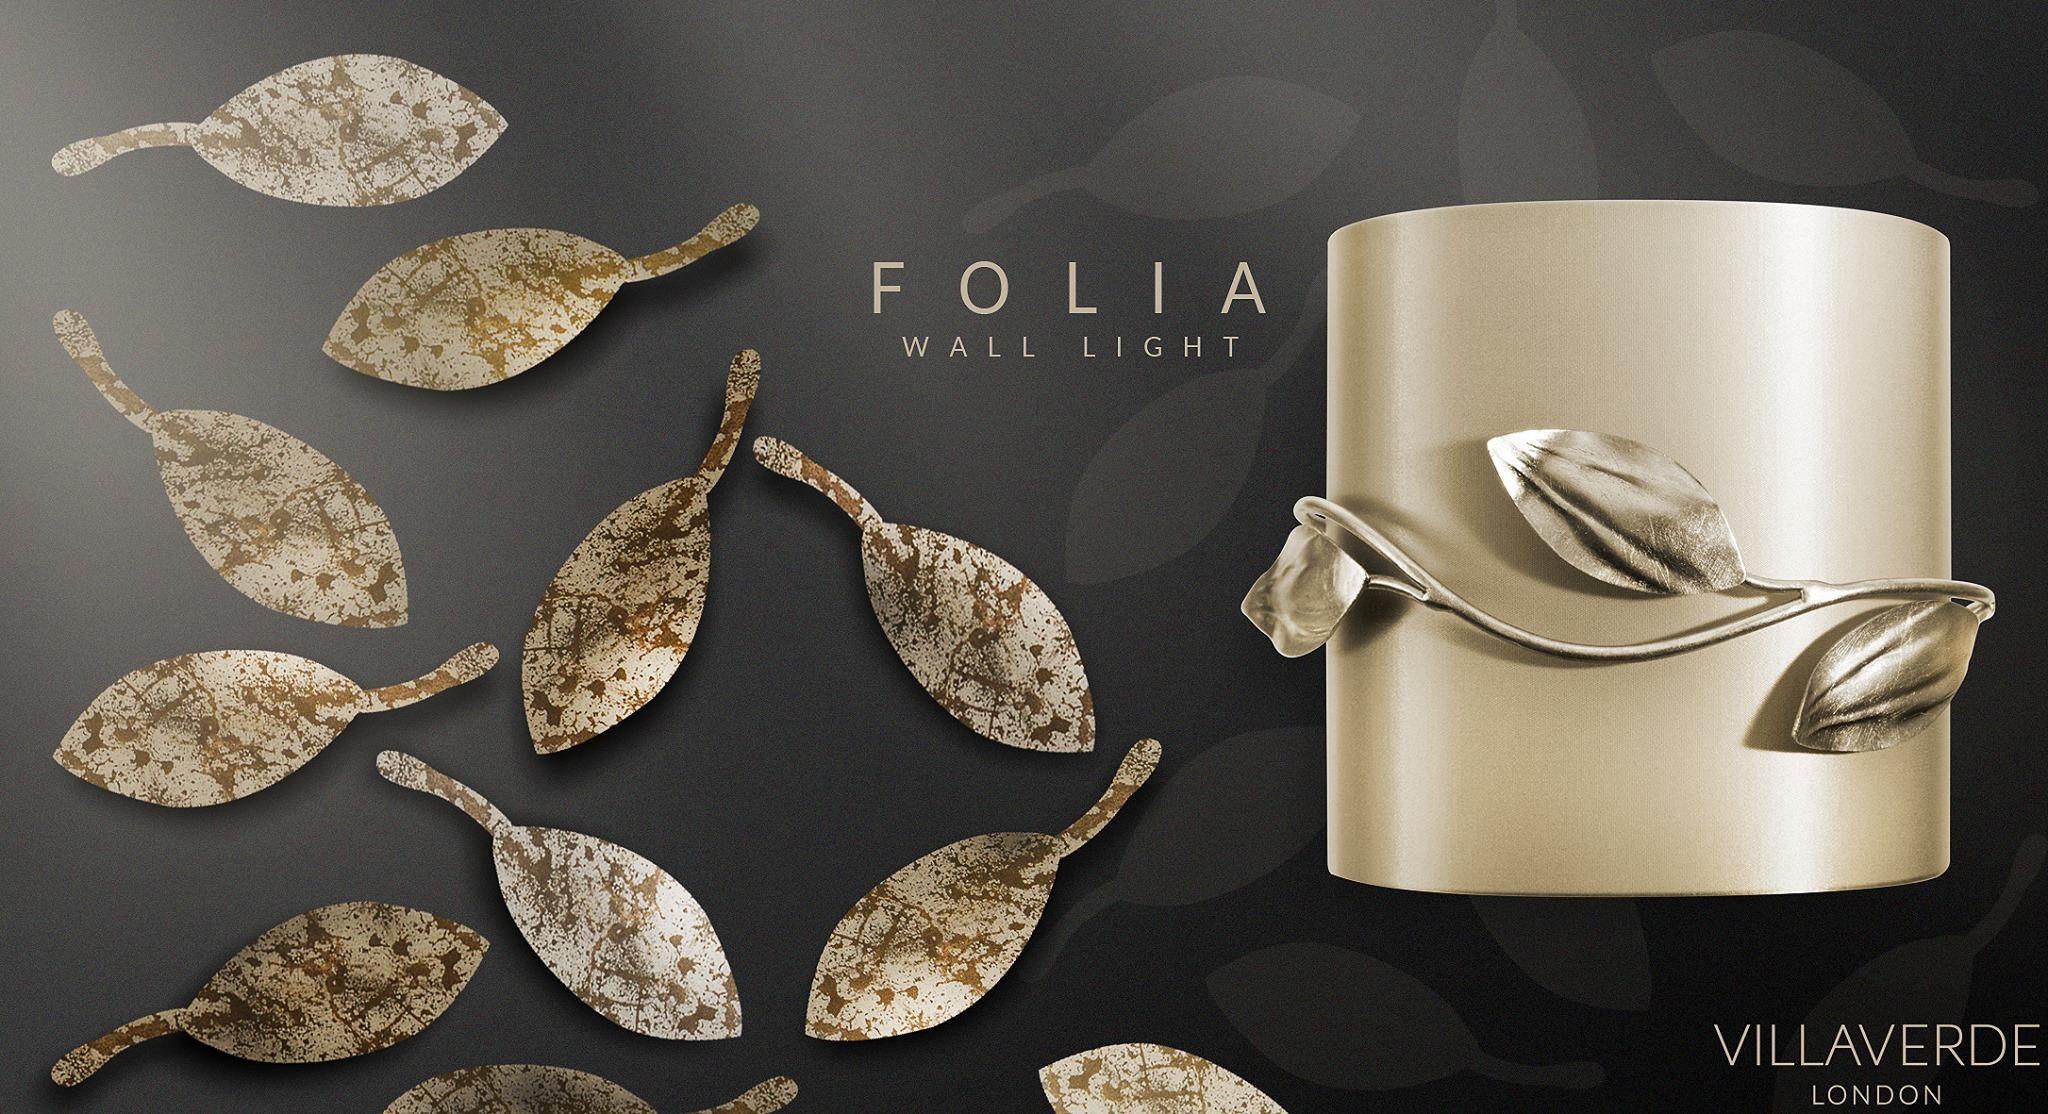 Folia Small Villaverde London